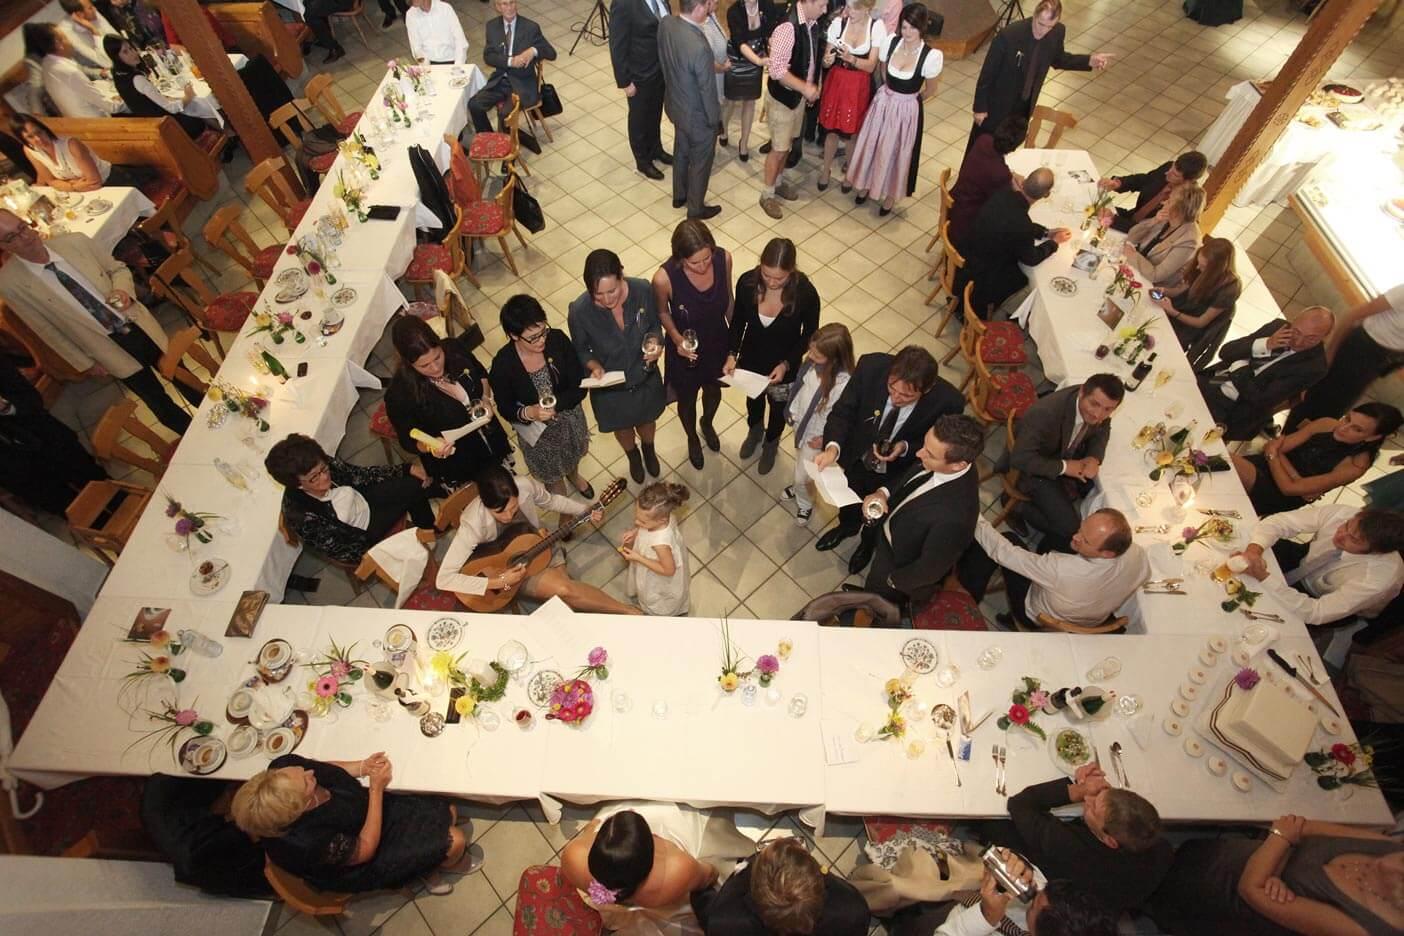 Festsaal-hochzeit-gasthof-reiterhof pichler geboltskirchen-familienfeierlichkeit